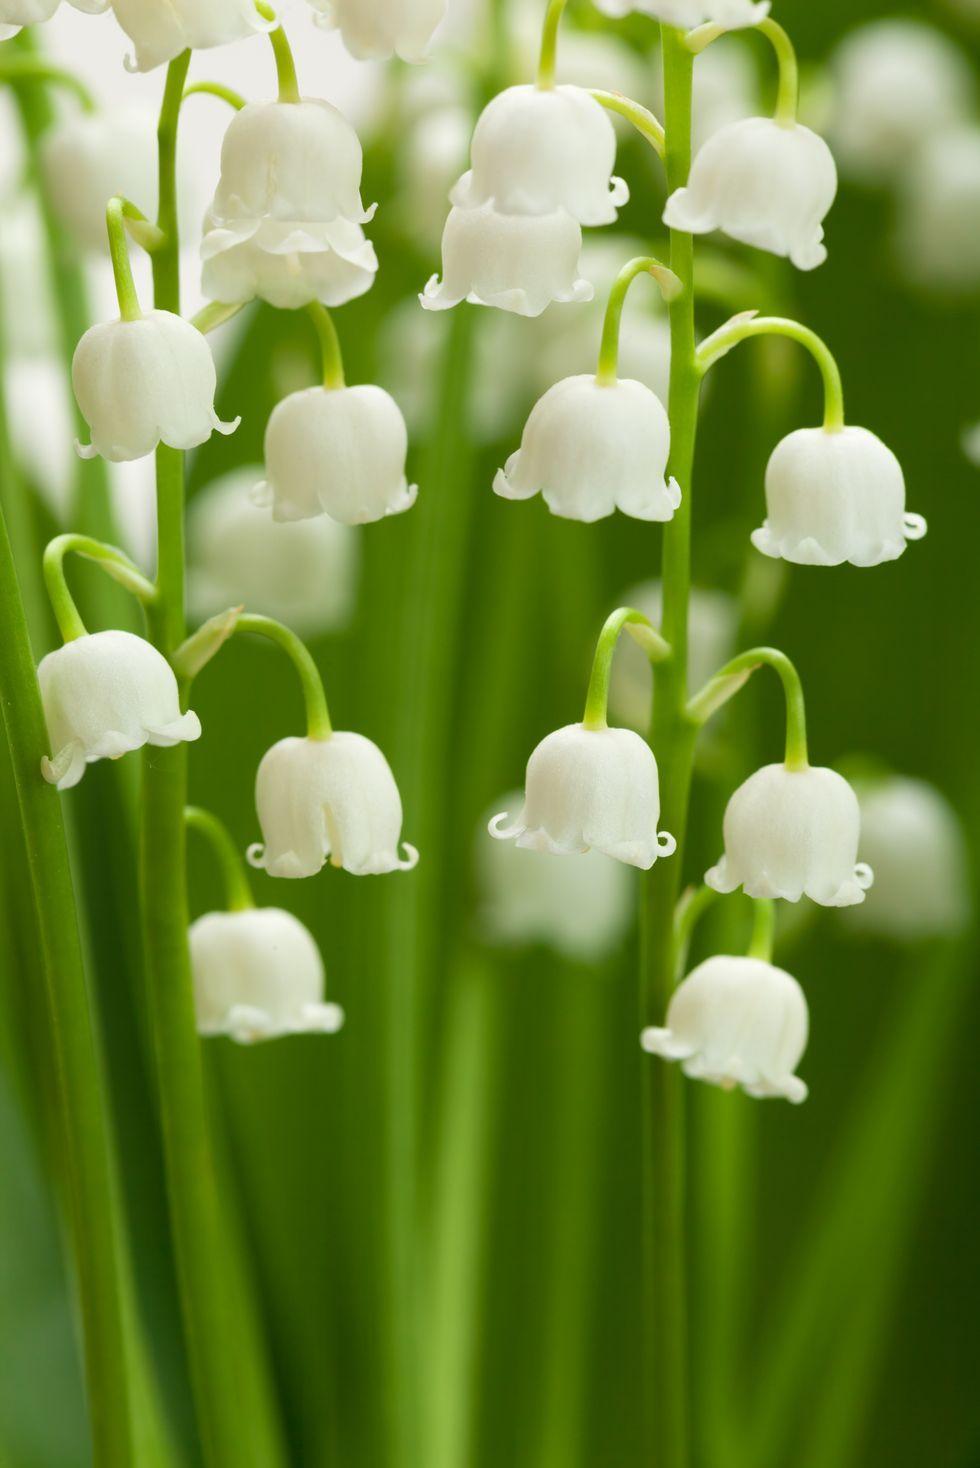 Lirio de los valles - significados de flores